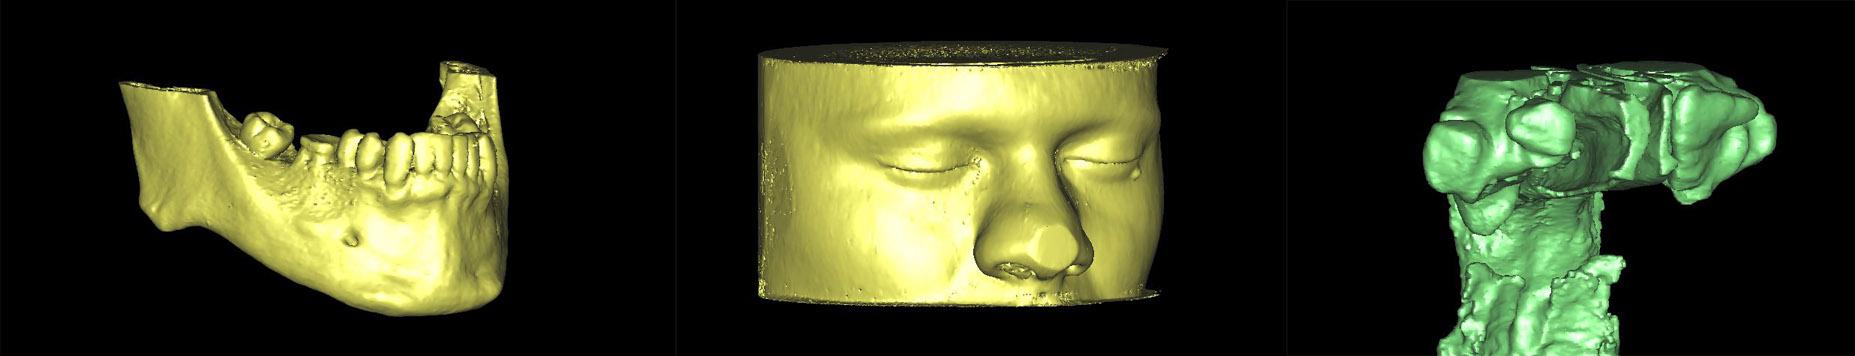 3D снимкок областей с разной плотностью